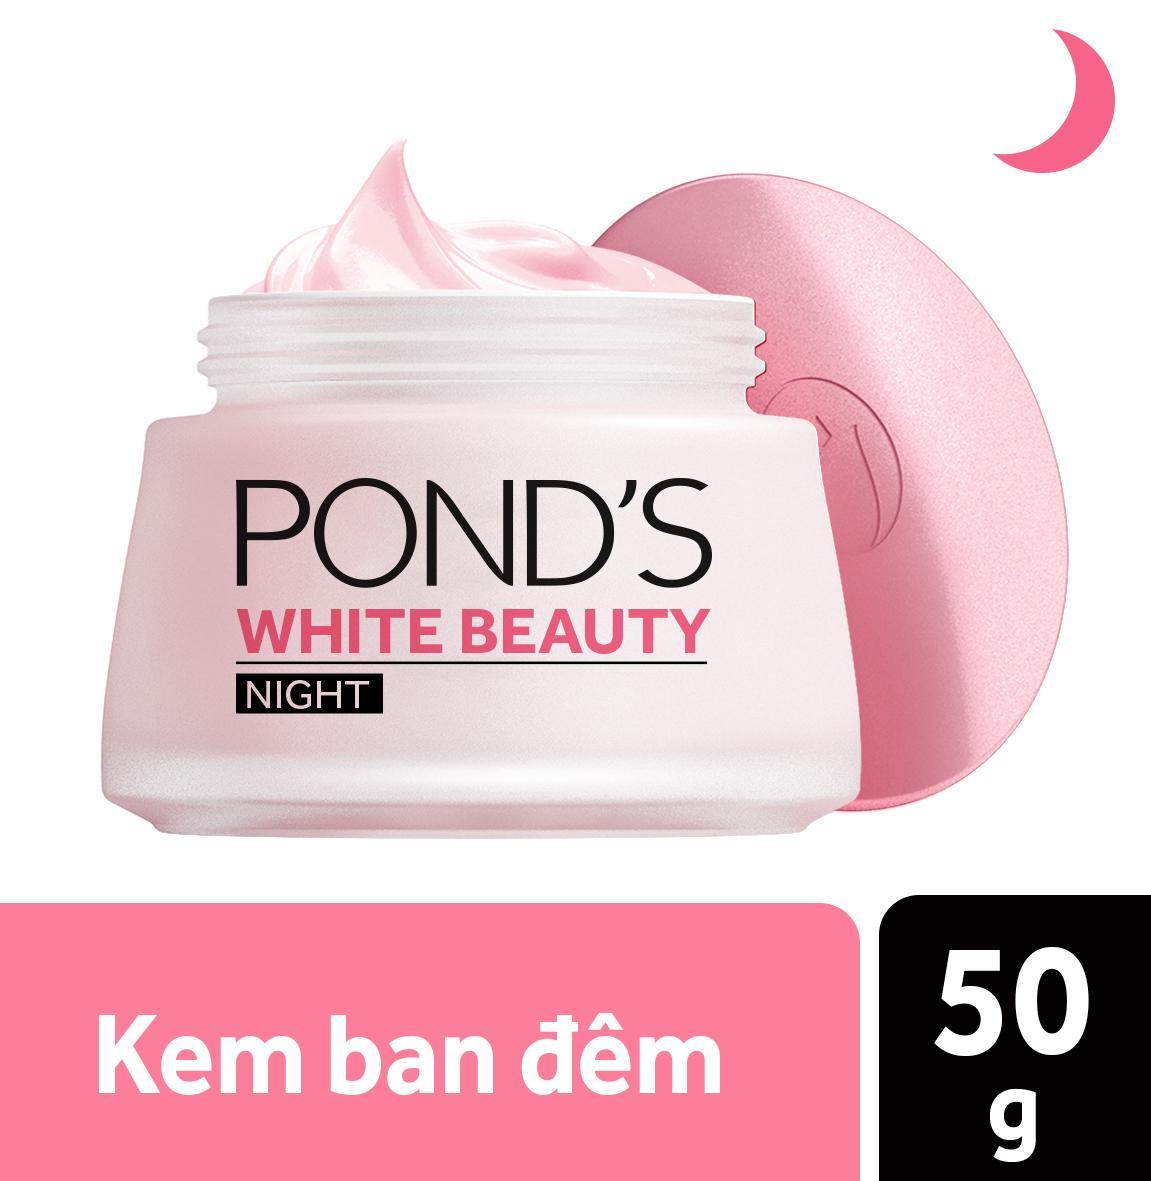 Kem dưỡng da trắng hồng rạng rỡ PONDS White Beauty Ban đêm 50g